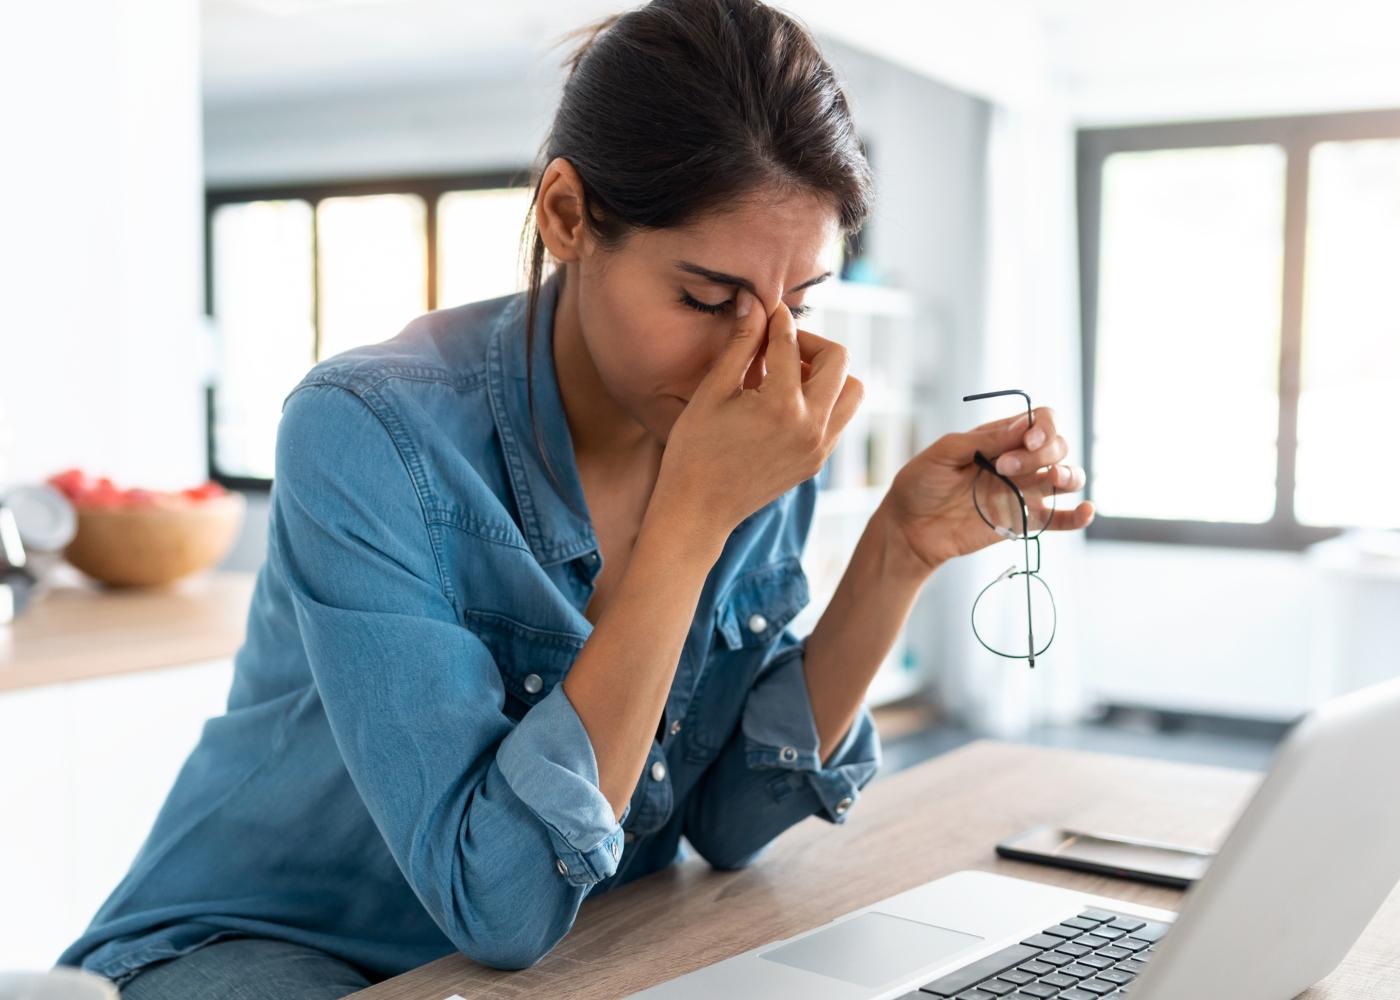 Mulher com sintomas de fadiga